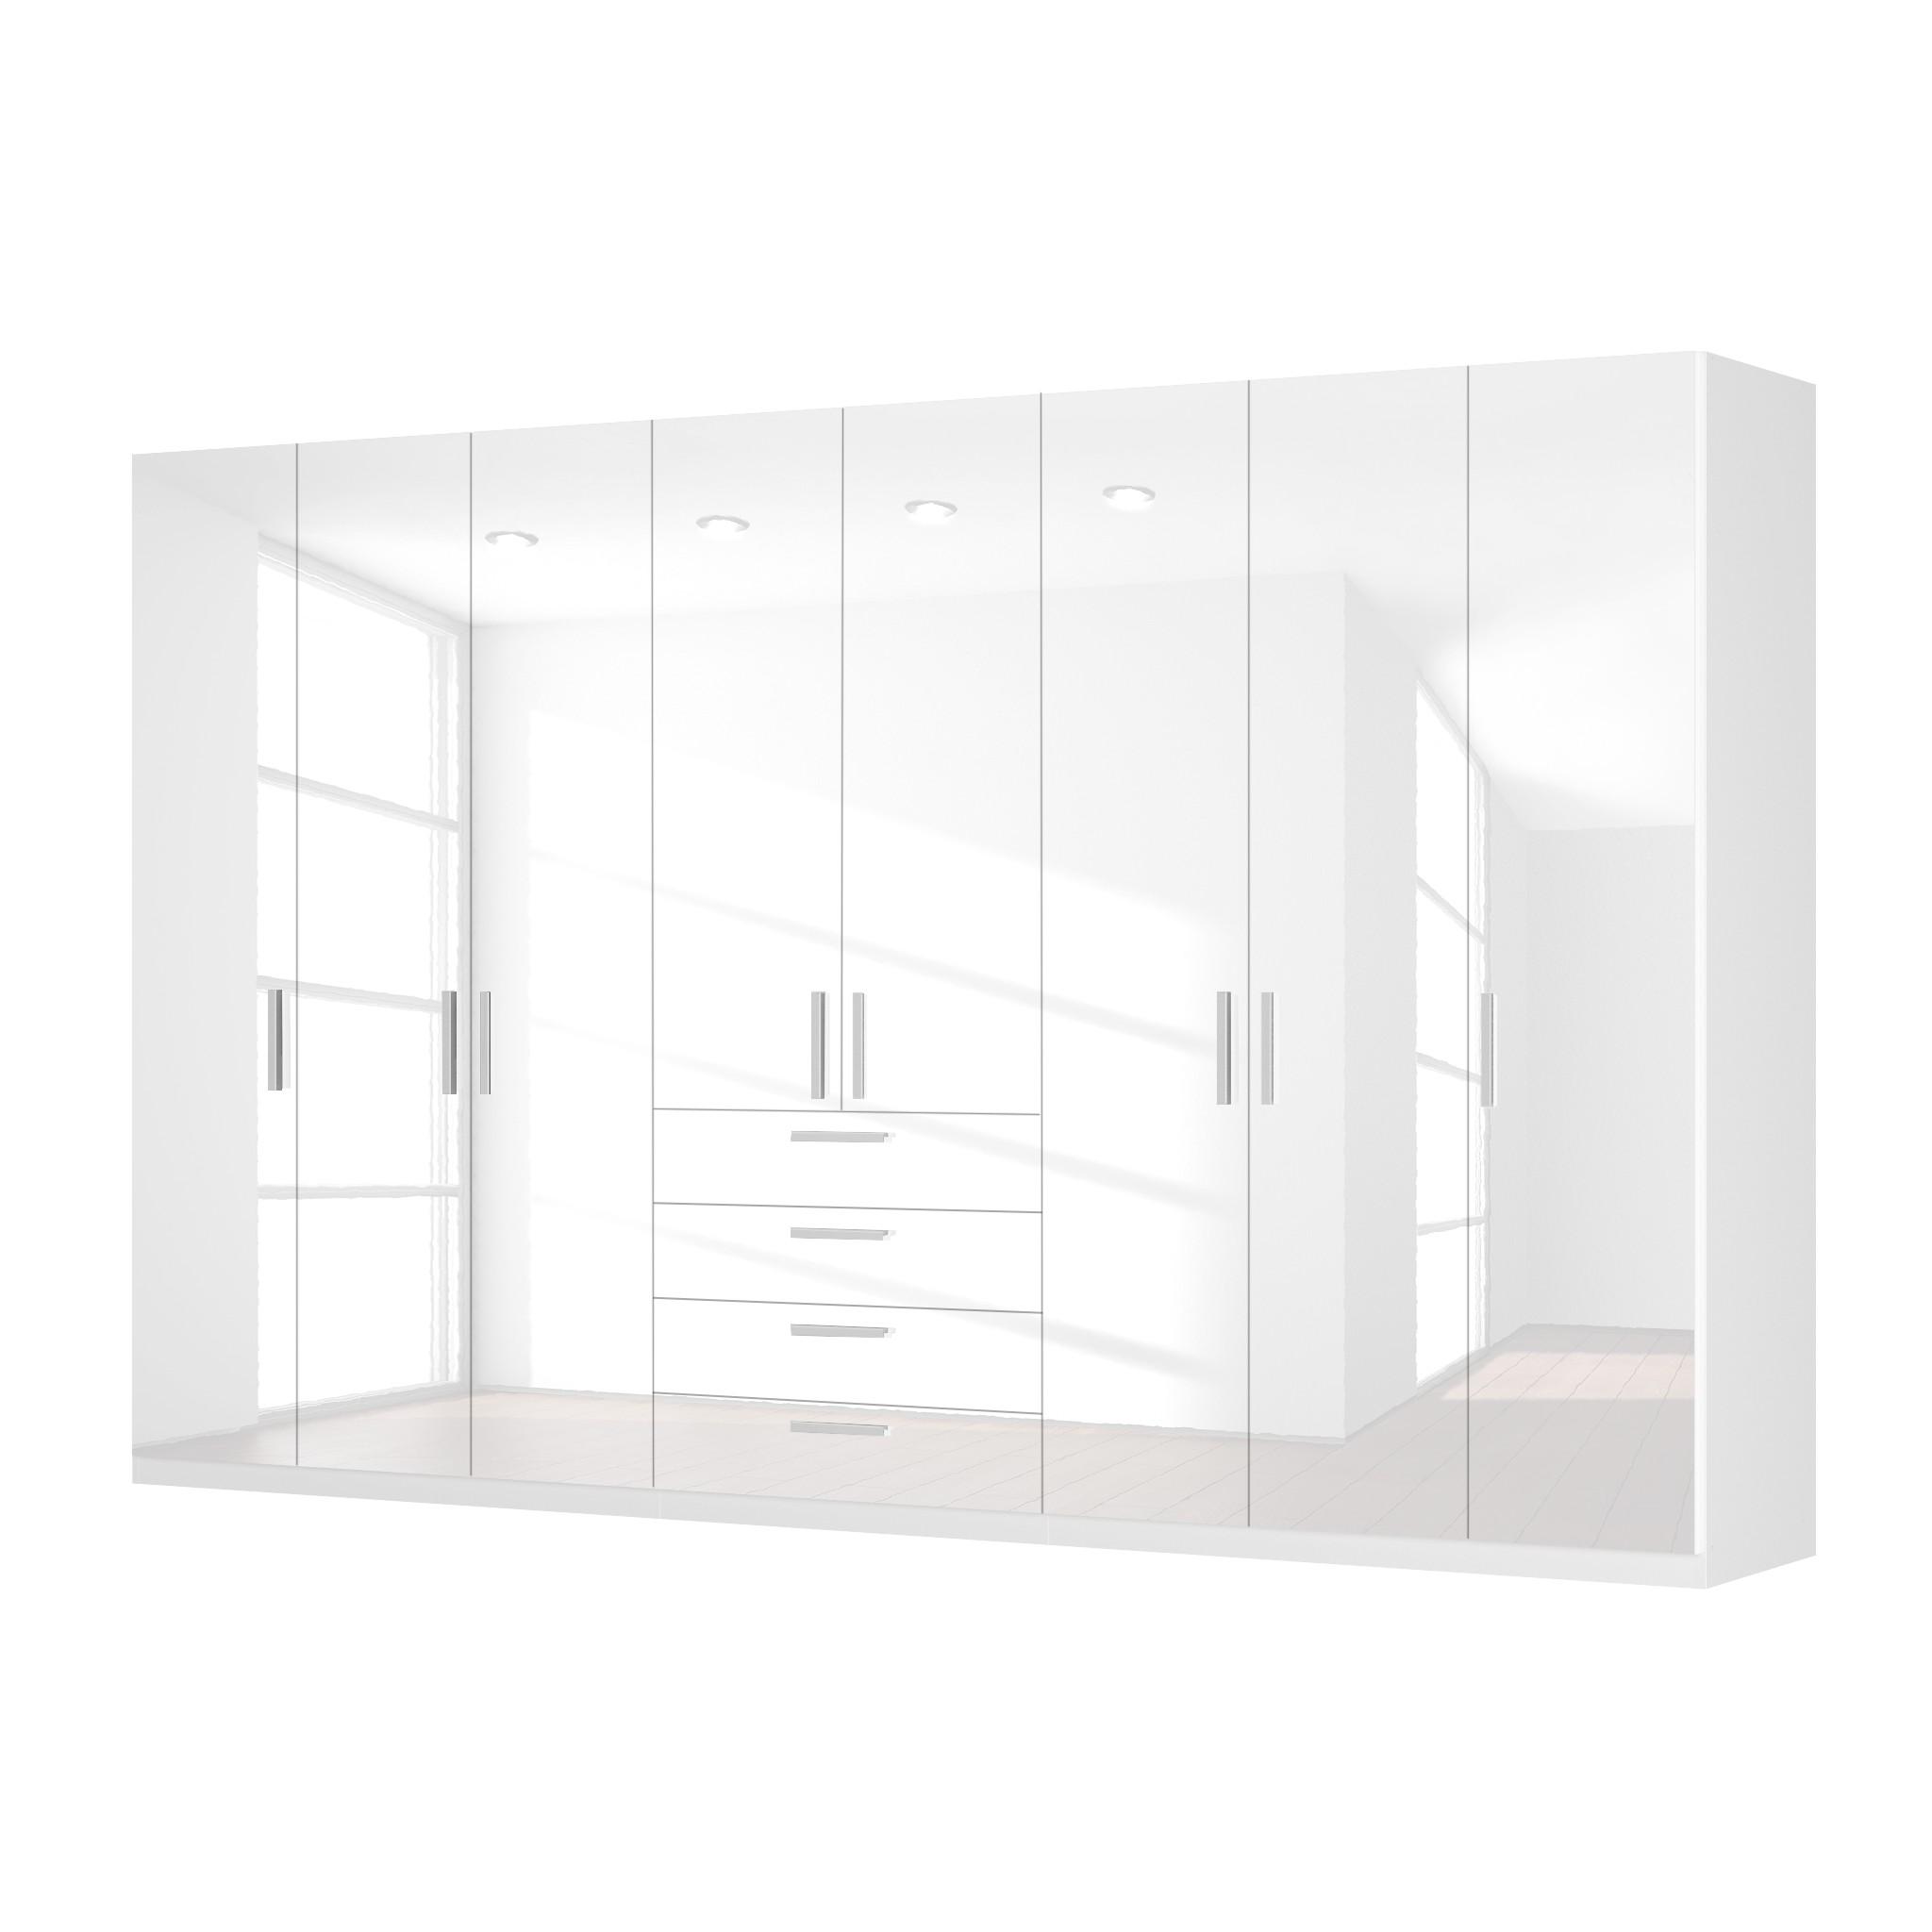 Draaideurkast Skøp II - hoogglans wit - 360cm (8-deurs) - 222cm - Premium, SKØP